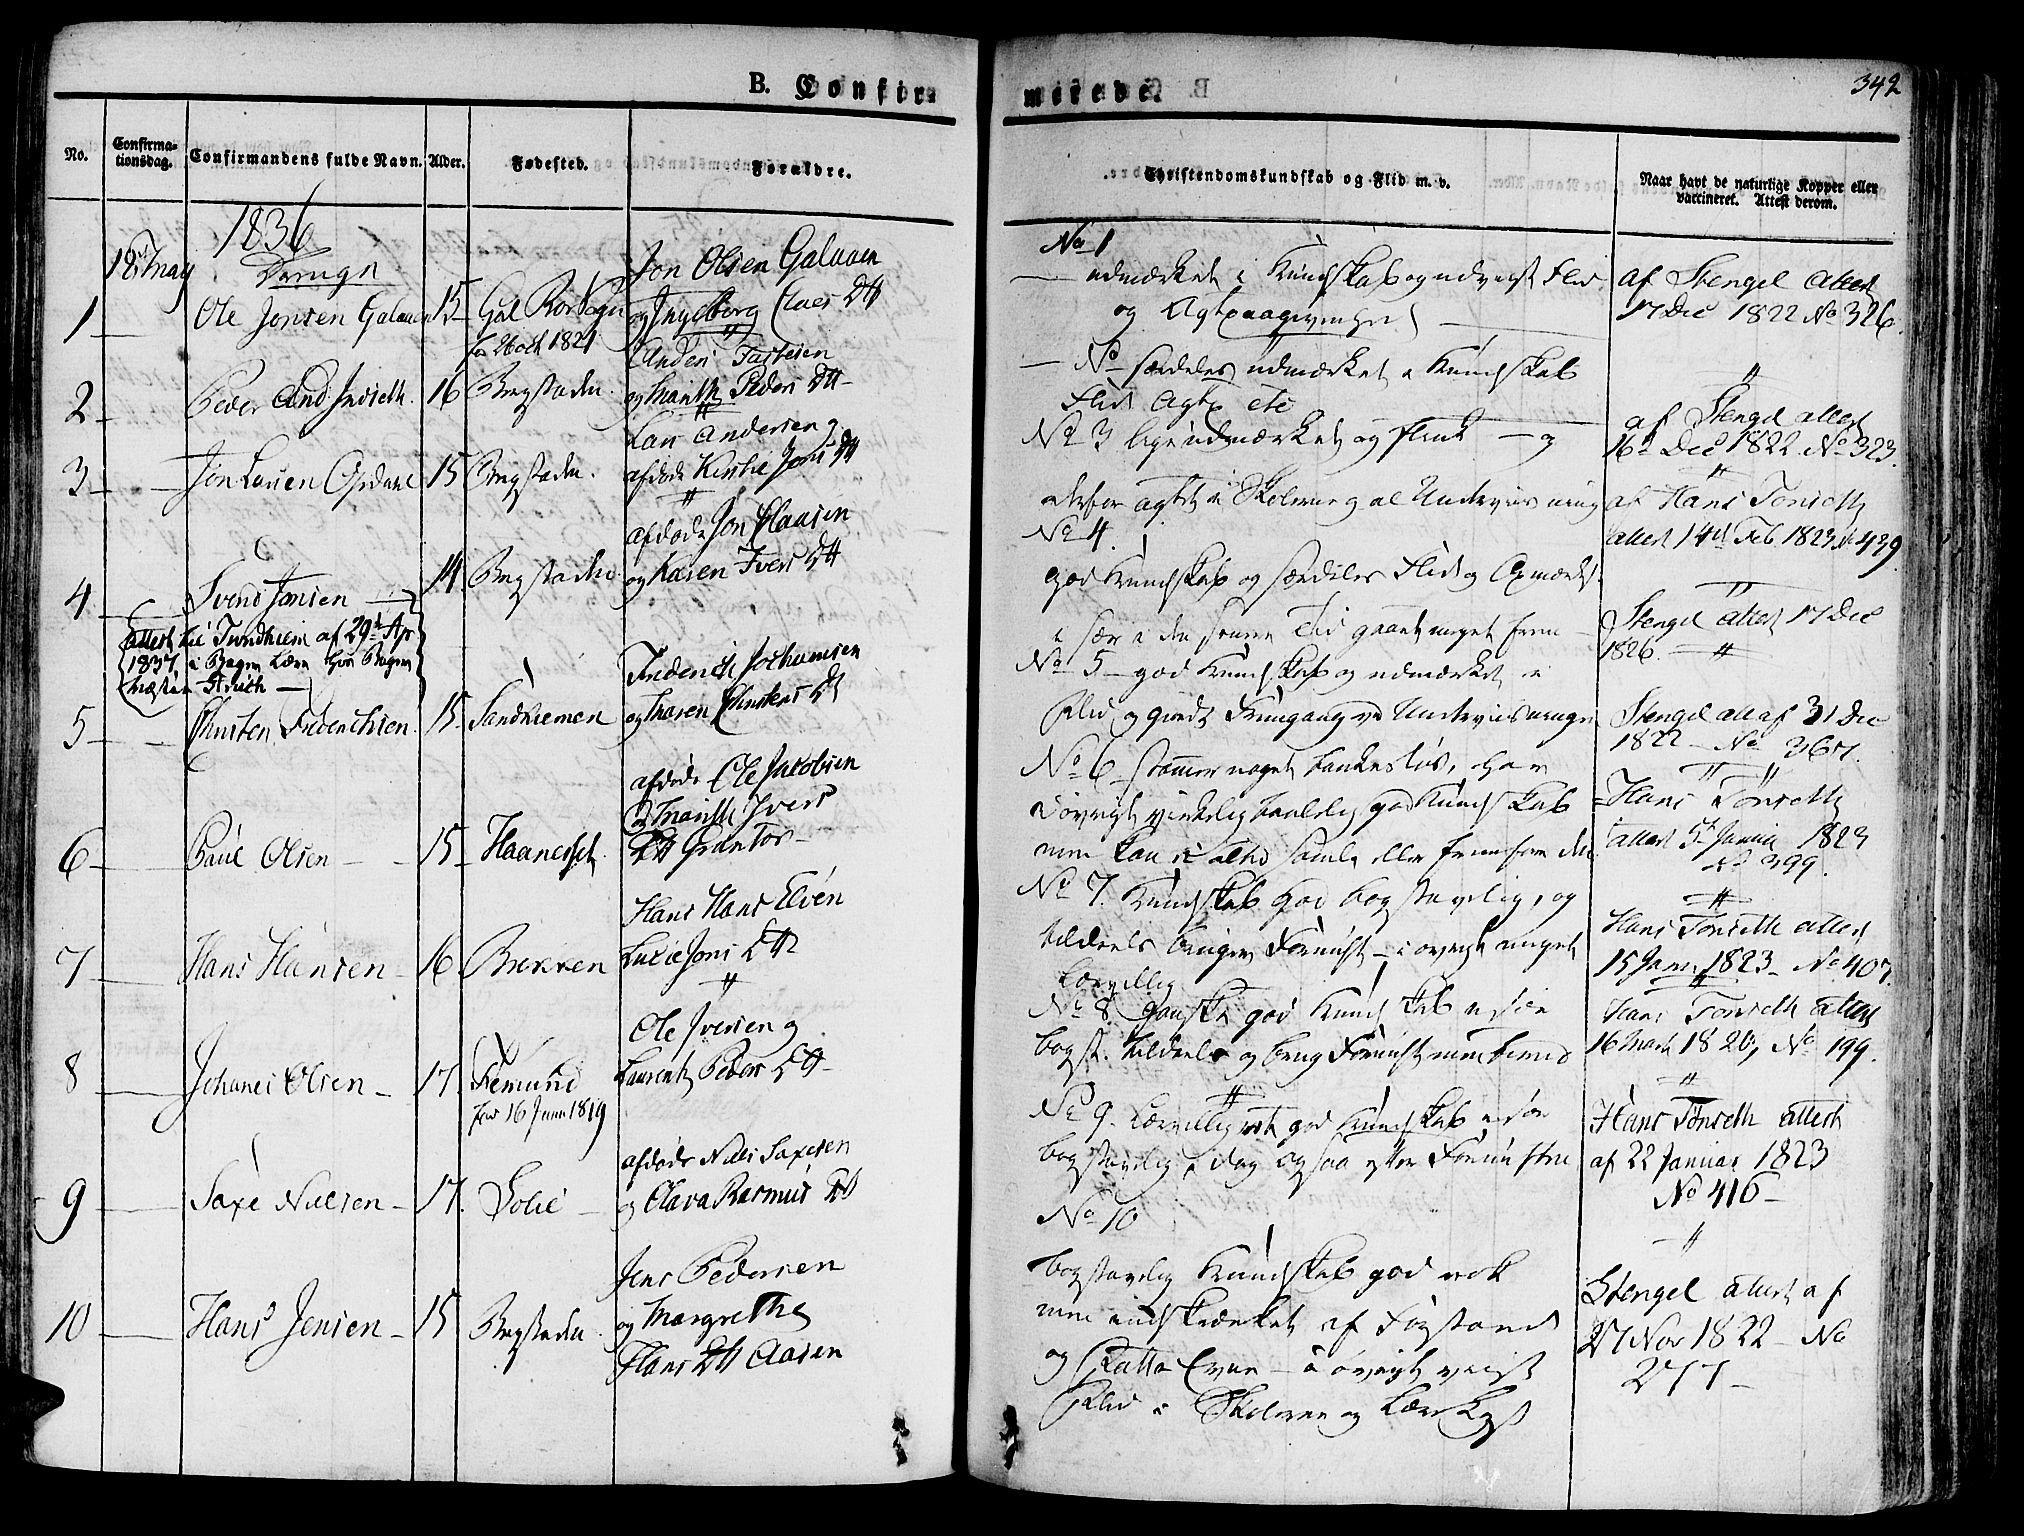 SAT, Ministerialprotokoller, klokkerbøker og fødselsregistre - Sør-Trøndelag, 681/L0930: Ministerialbok nr. 681A08, 1829-1844, s. 342